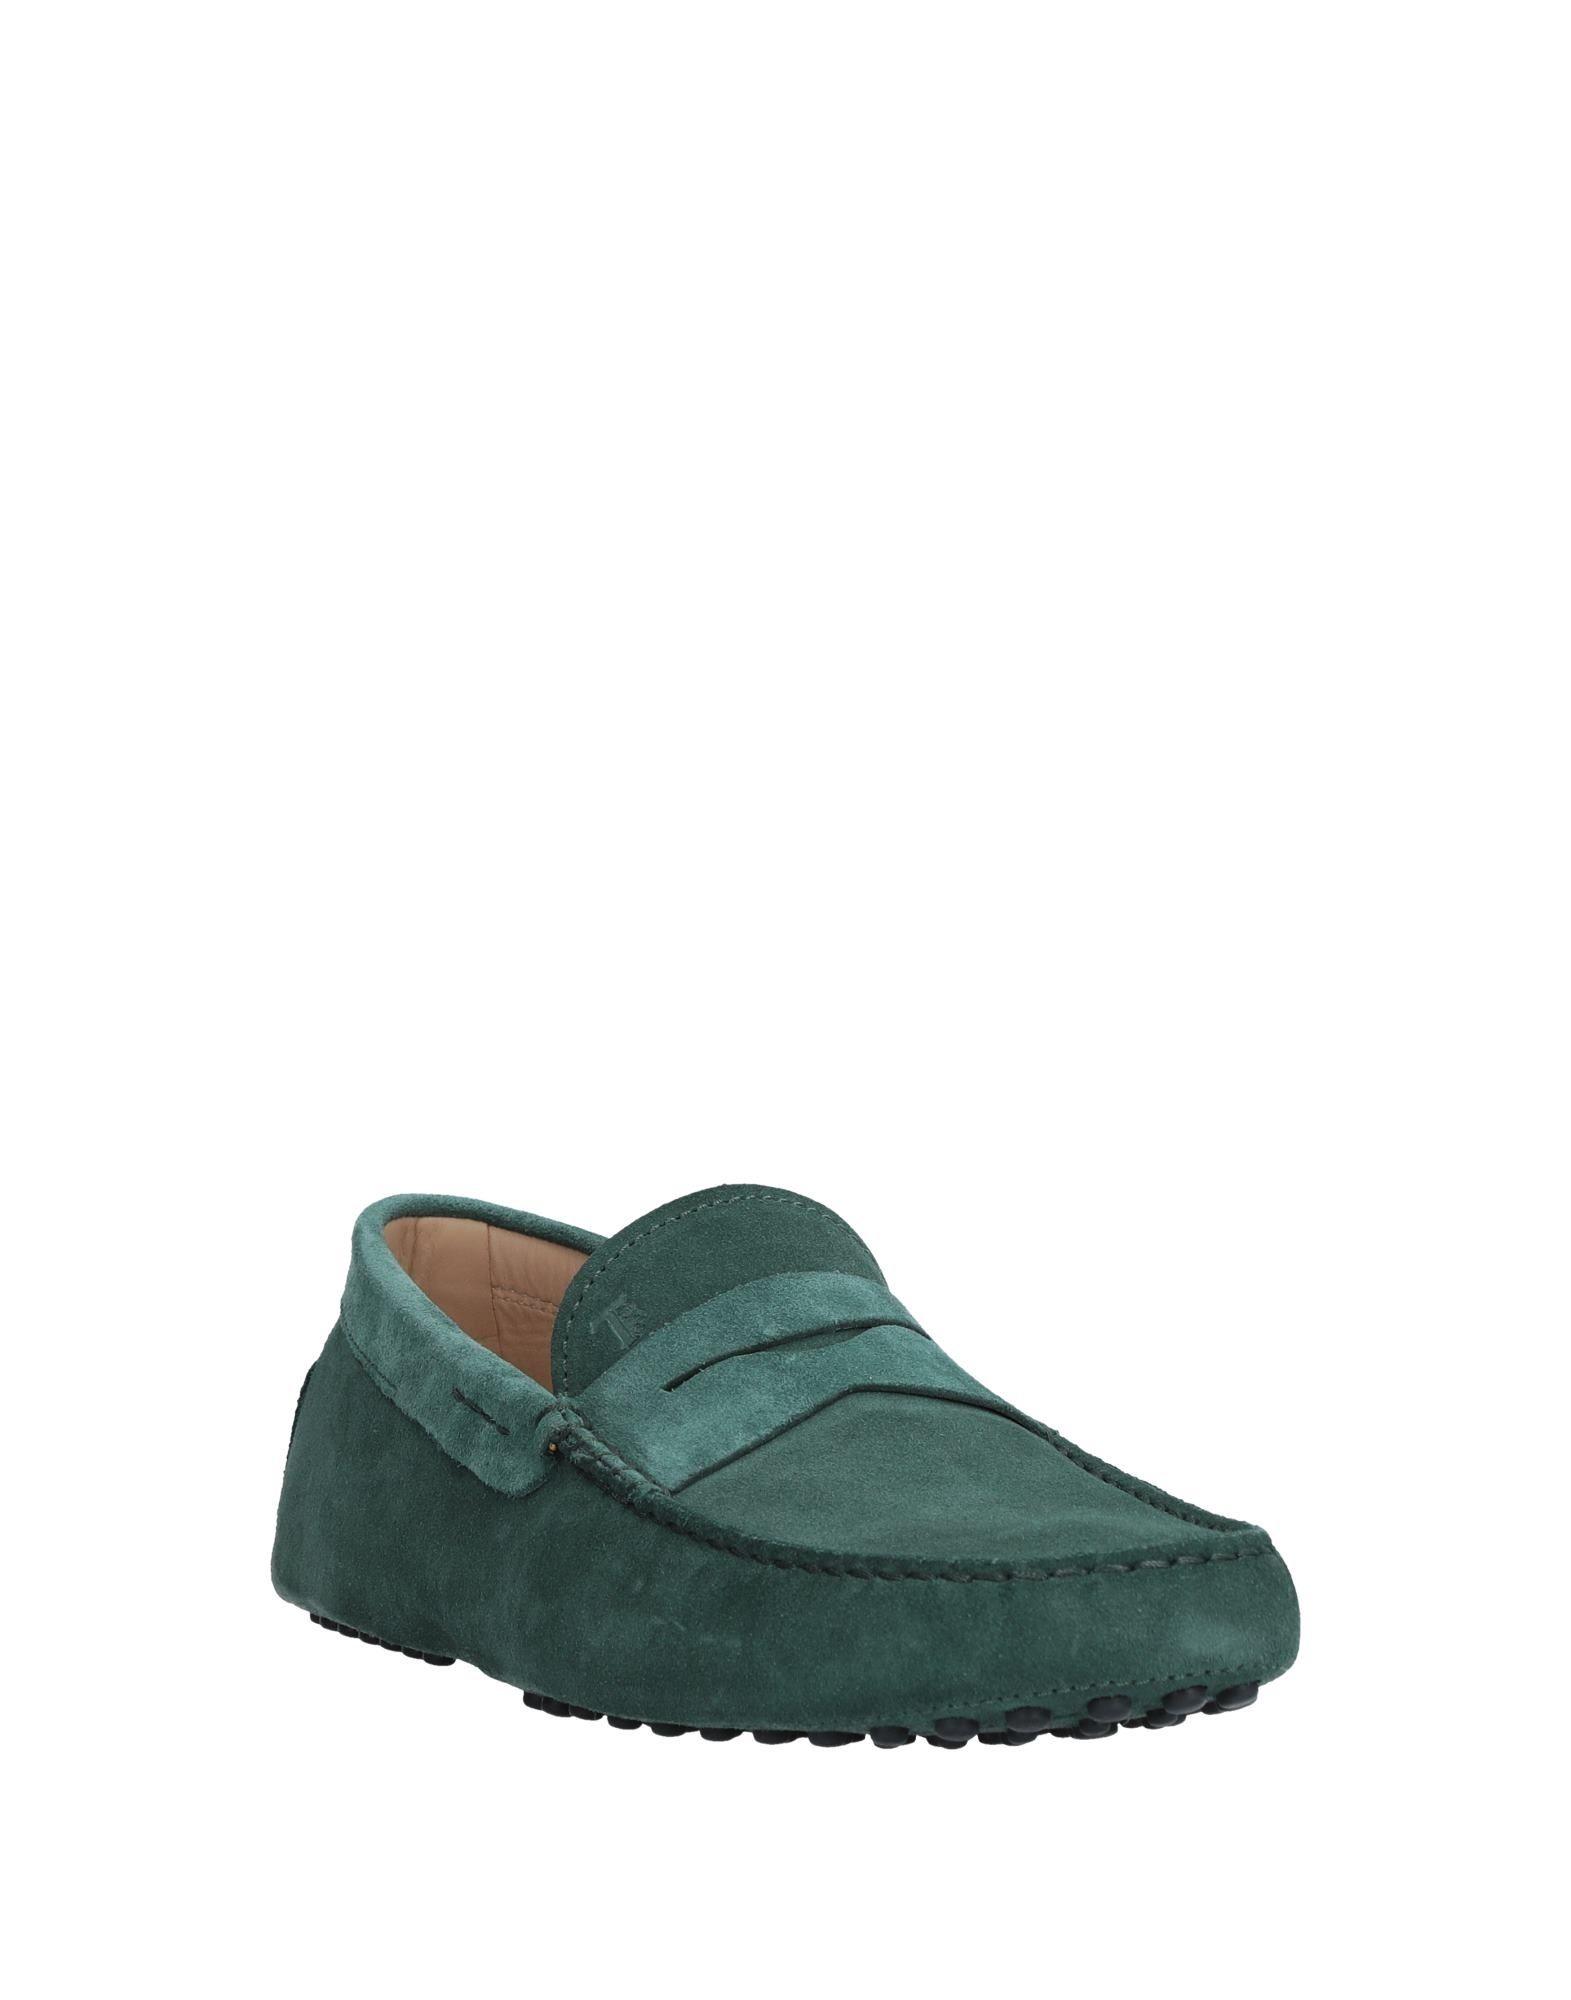 Tod's Mokassins Herren  11299929PR 11299929PR 11299929PR Gute Qualität beliebte Schuhe aea987